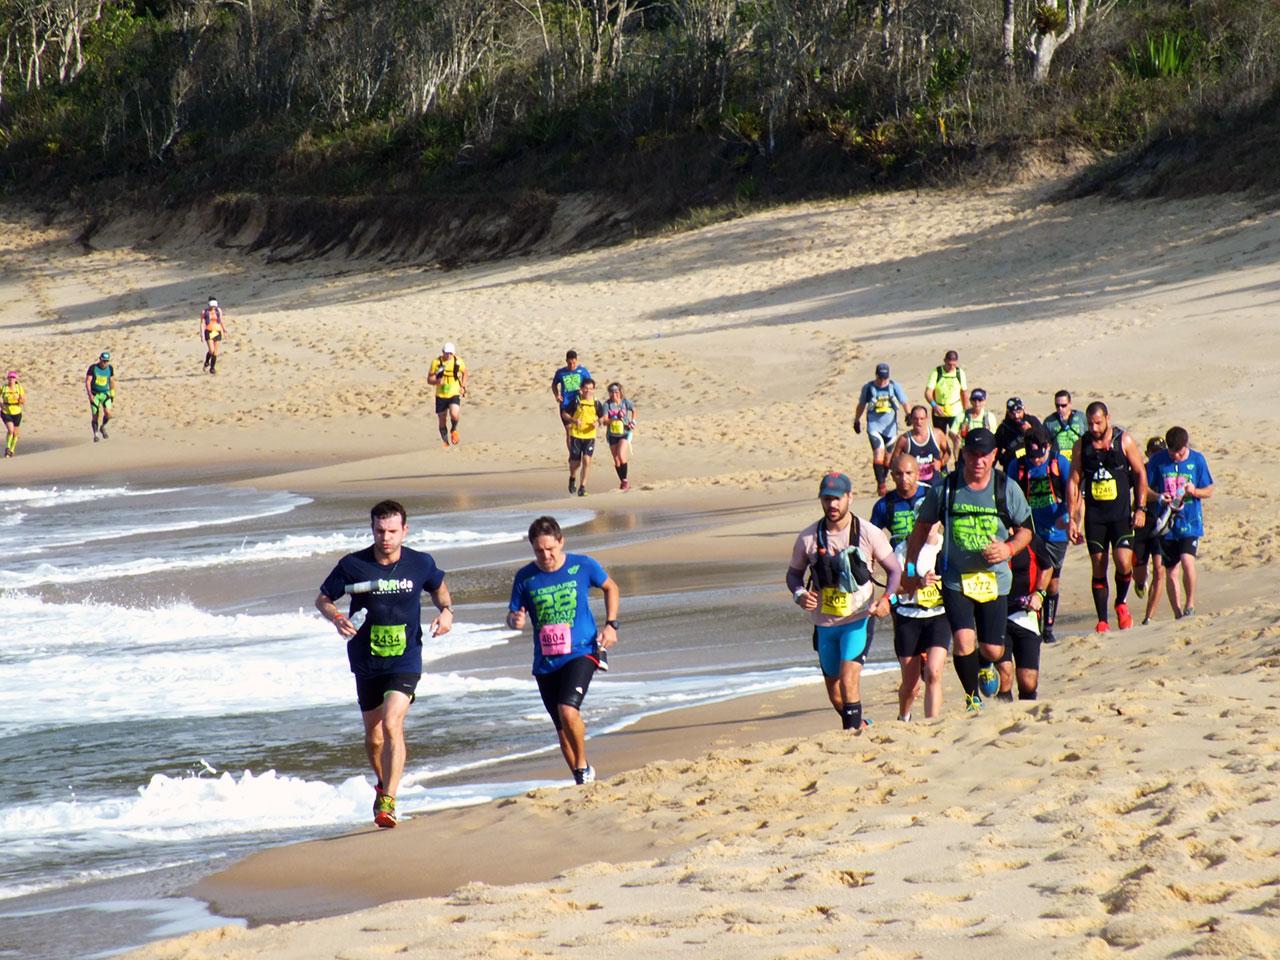 Desafio 28 Praias Maratona de Revezamento